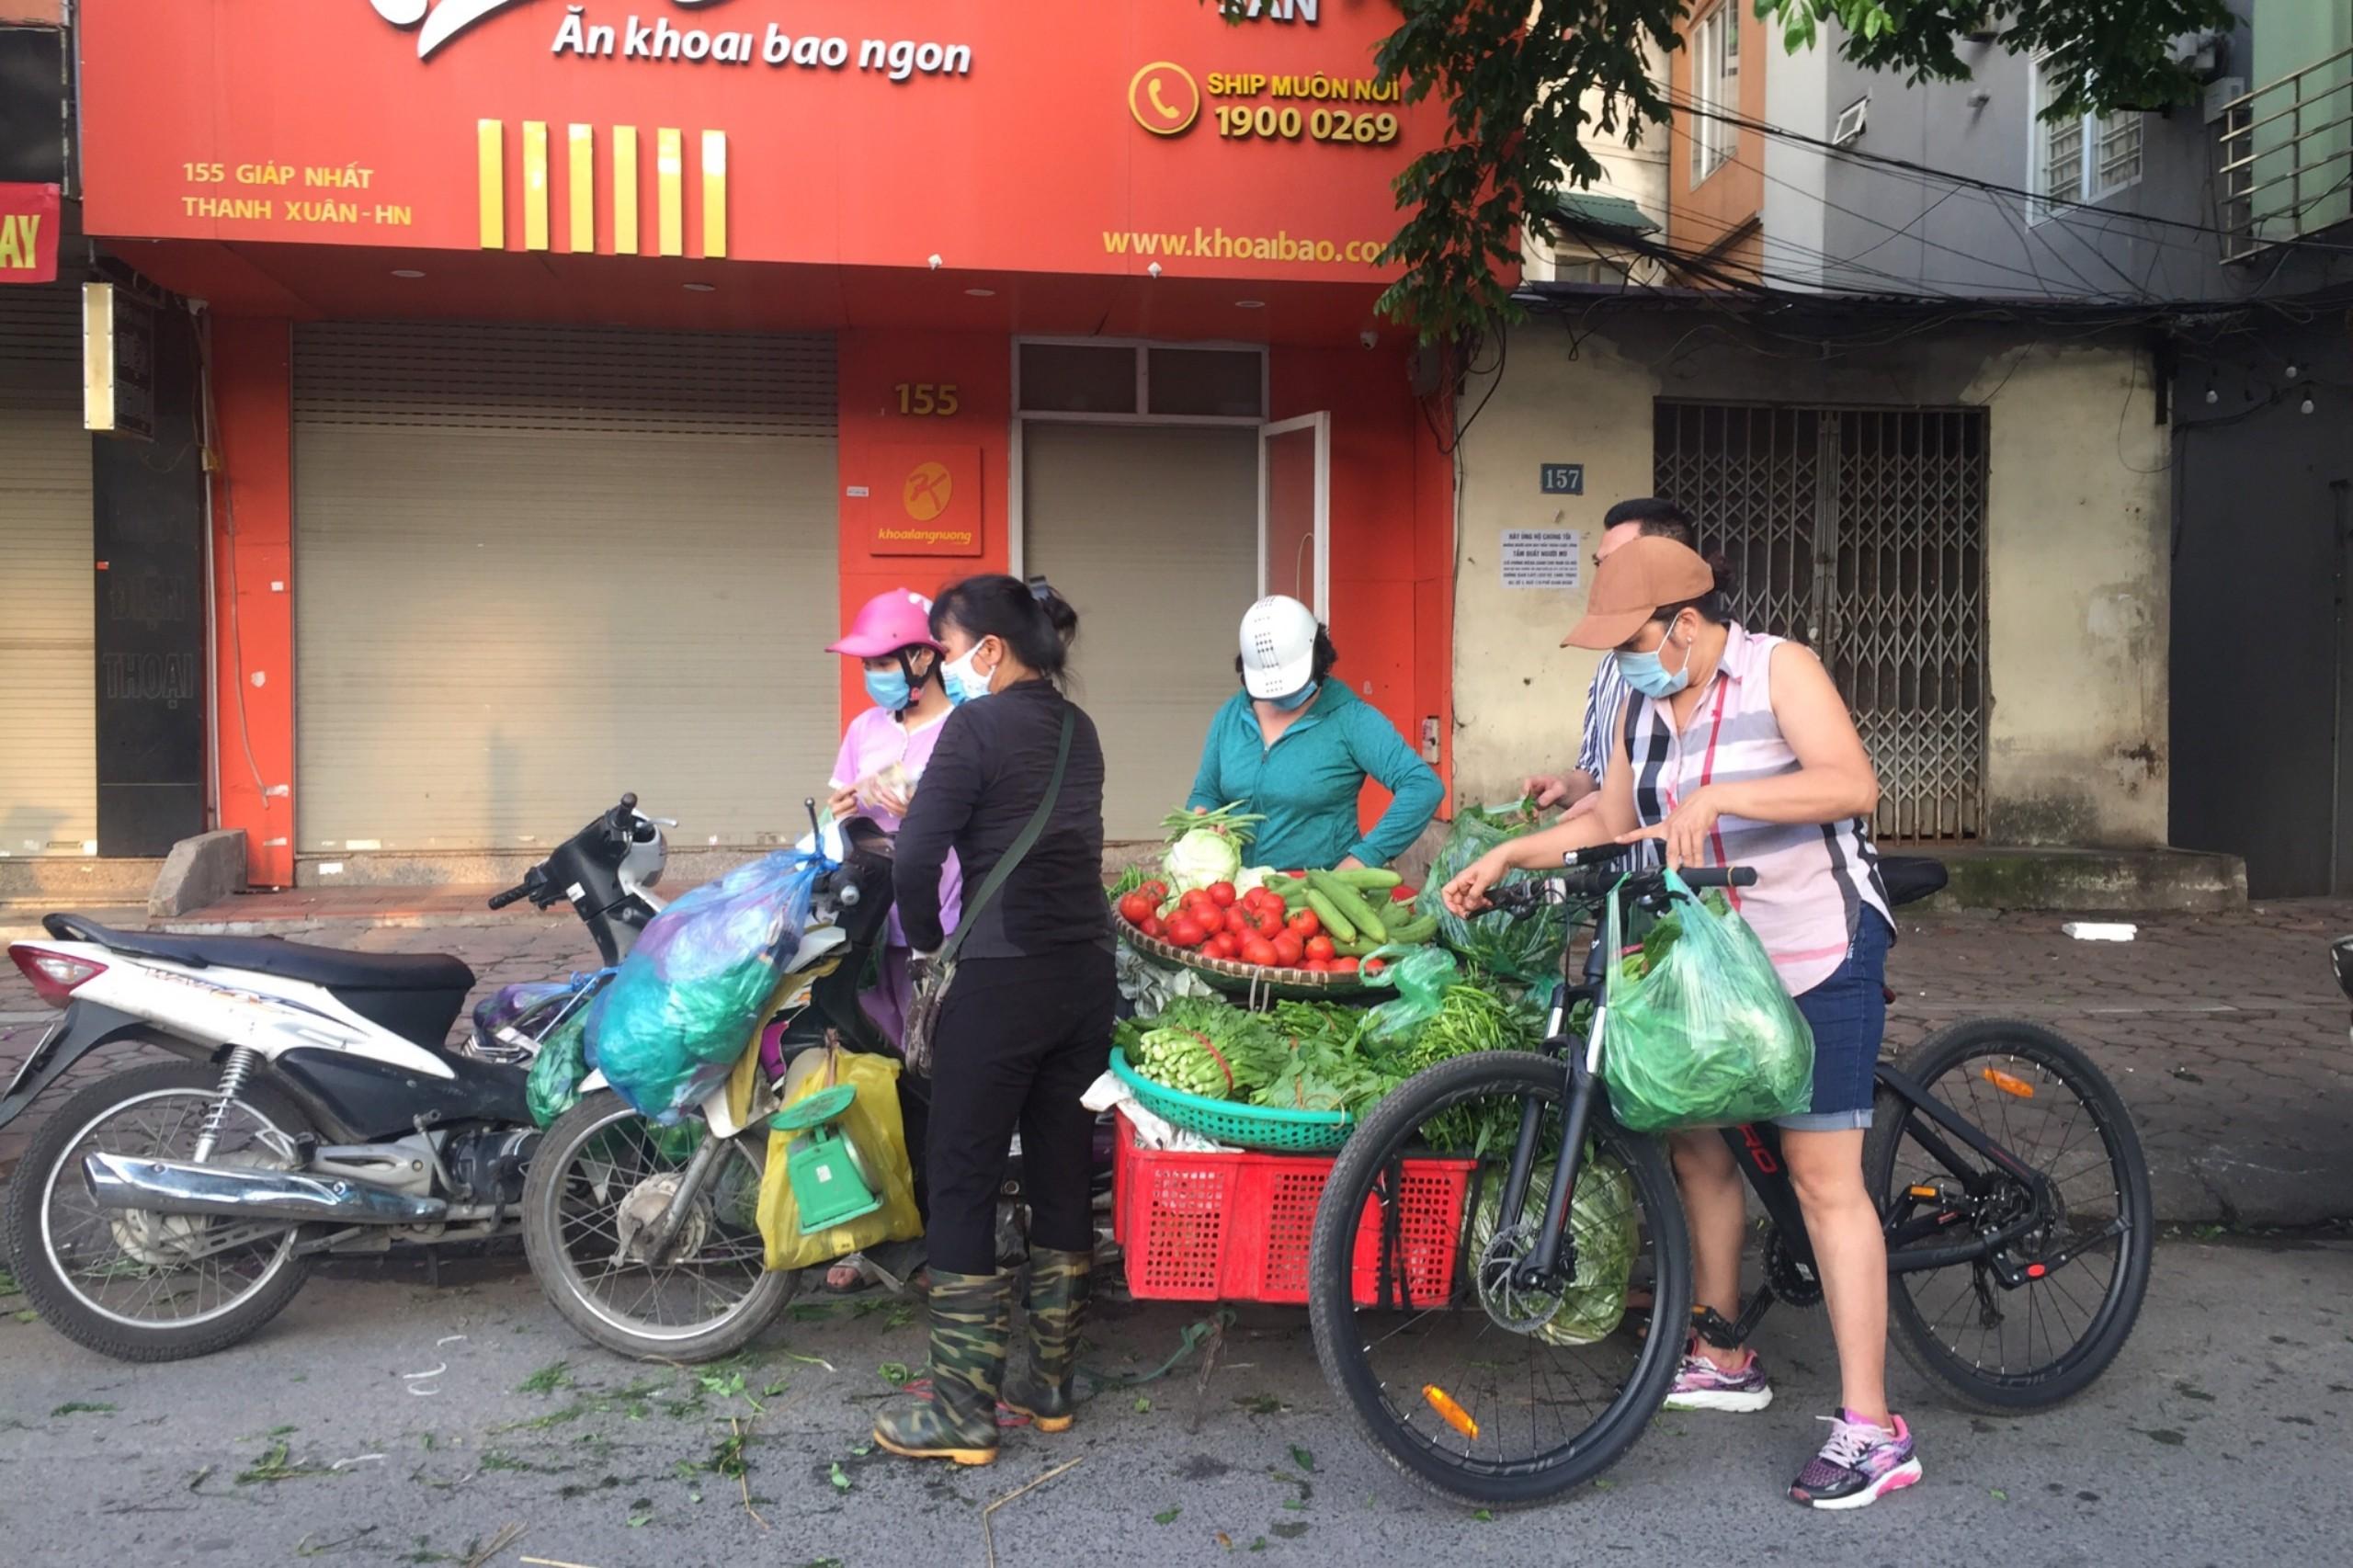 Chợ cóc, chợ tạm ở Hà Nội vẫn hoạt động bất chấp lệnh cấm - Ảnh 4.